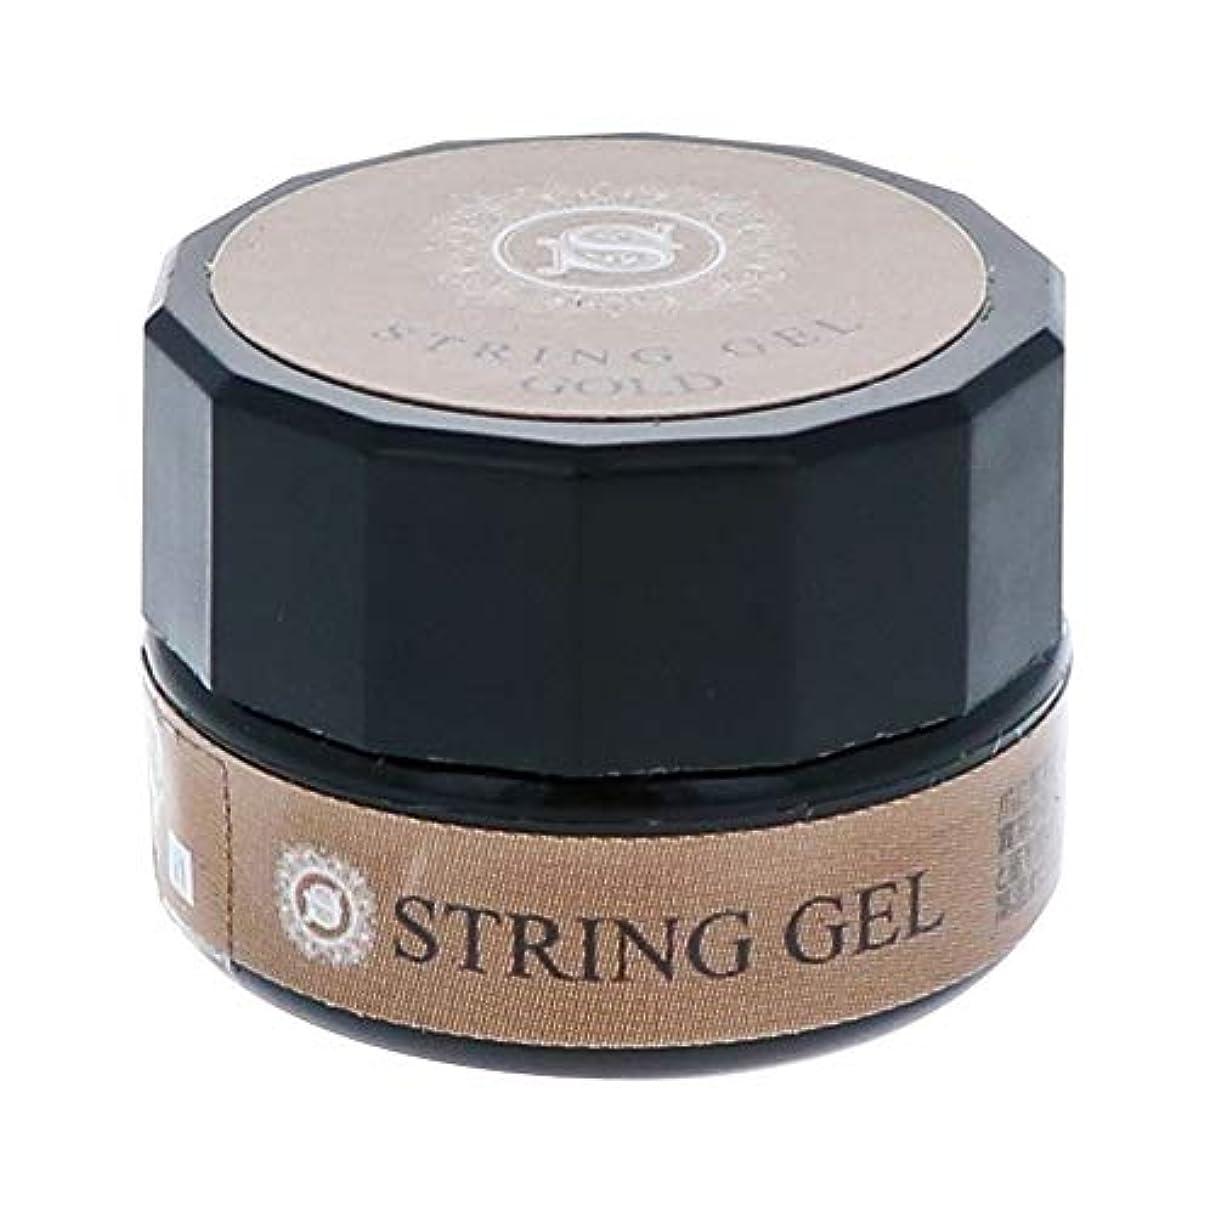 セブンできれば抽象ビューティーネイラー simply string gel (gold) 2.5g QSG-1